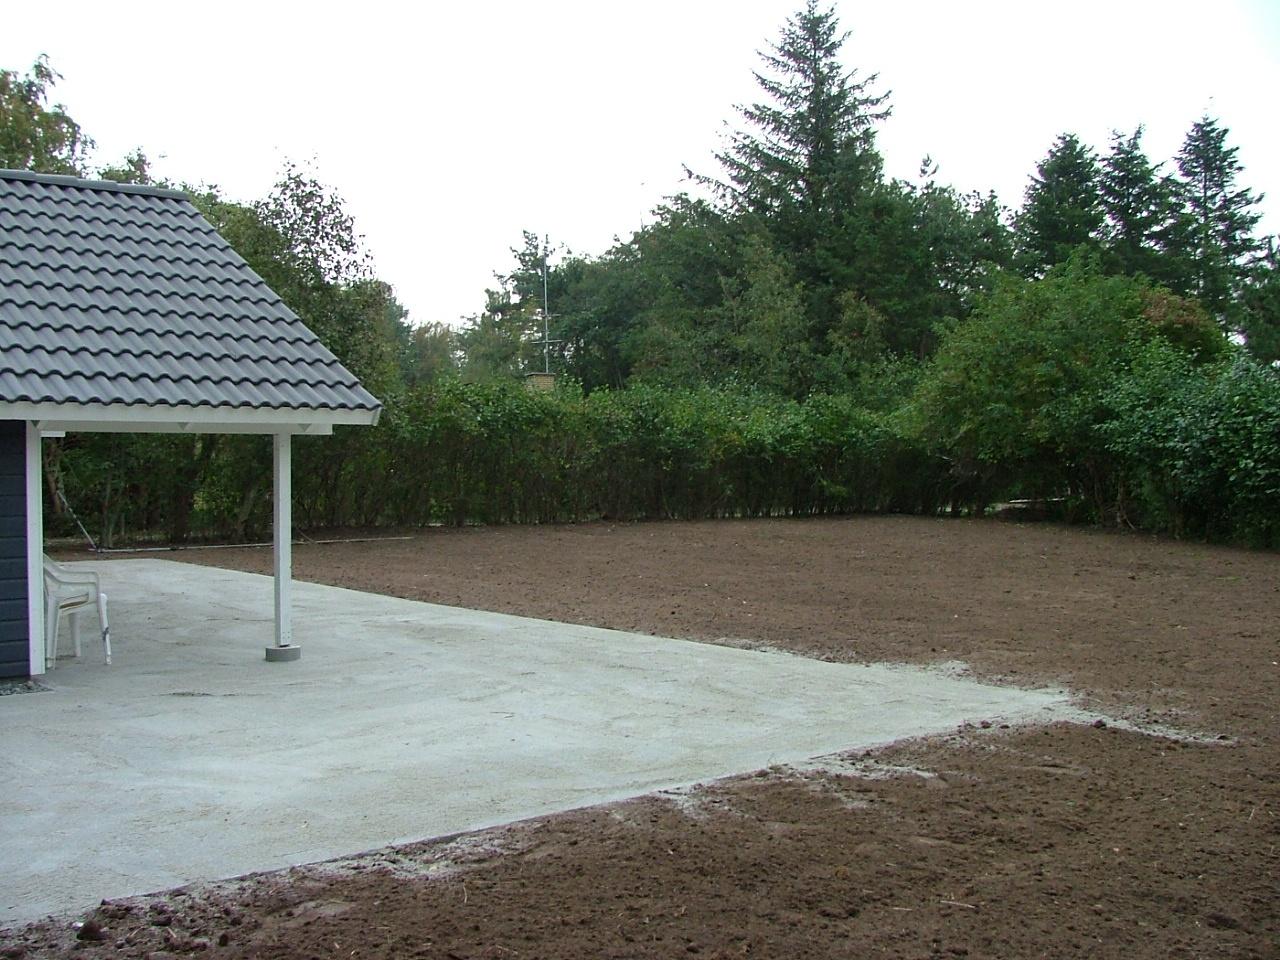 Ny belægning om hus, samt grubning, fræsning, og planering af have